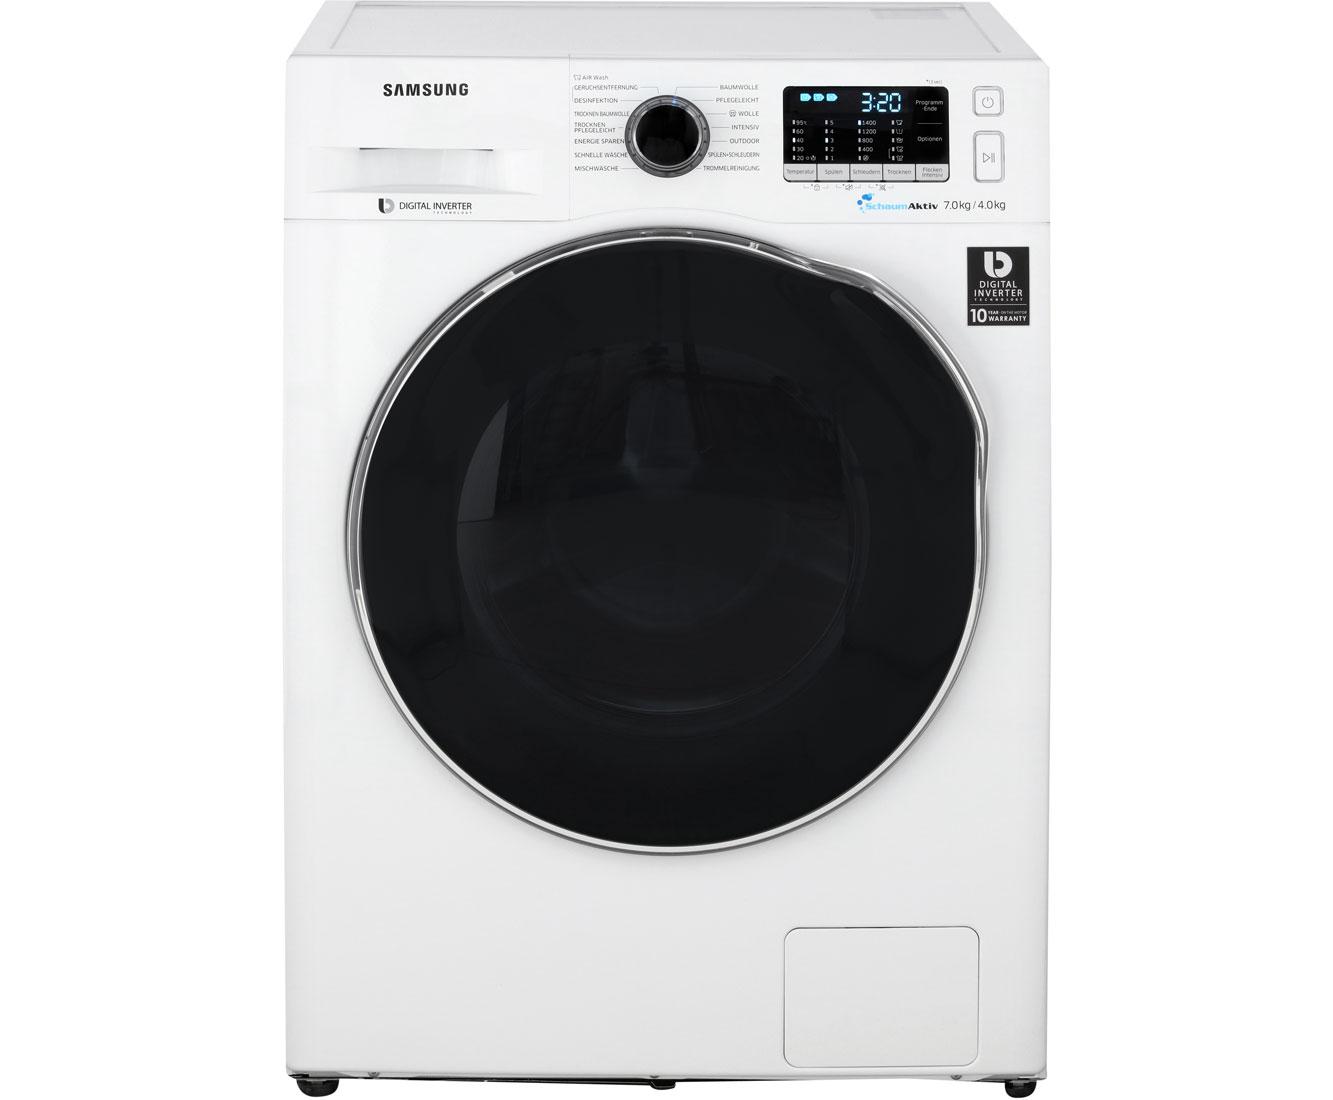 Samsung wd72j5a00aw eg waschtrockner 7 kg waschen 4 kg trocknen